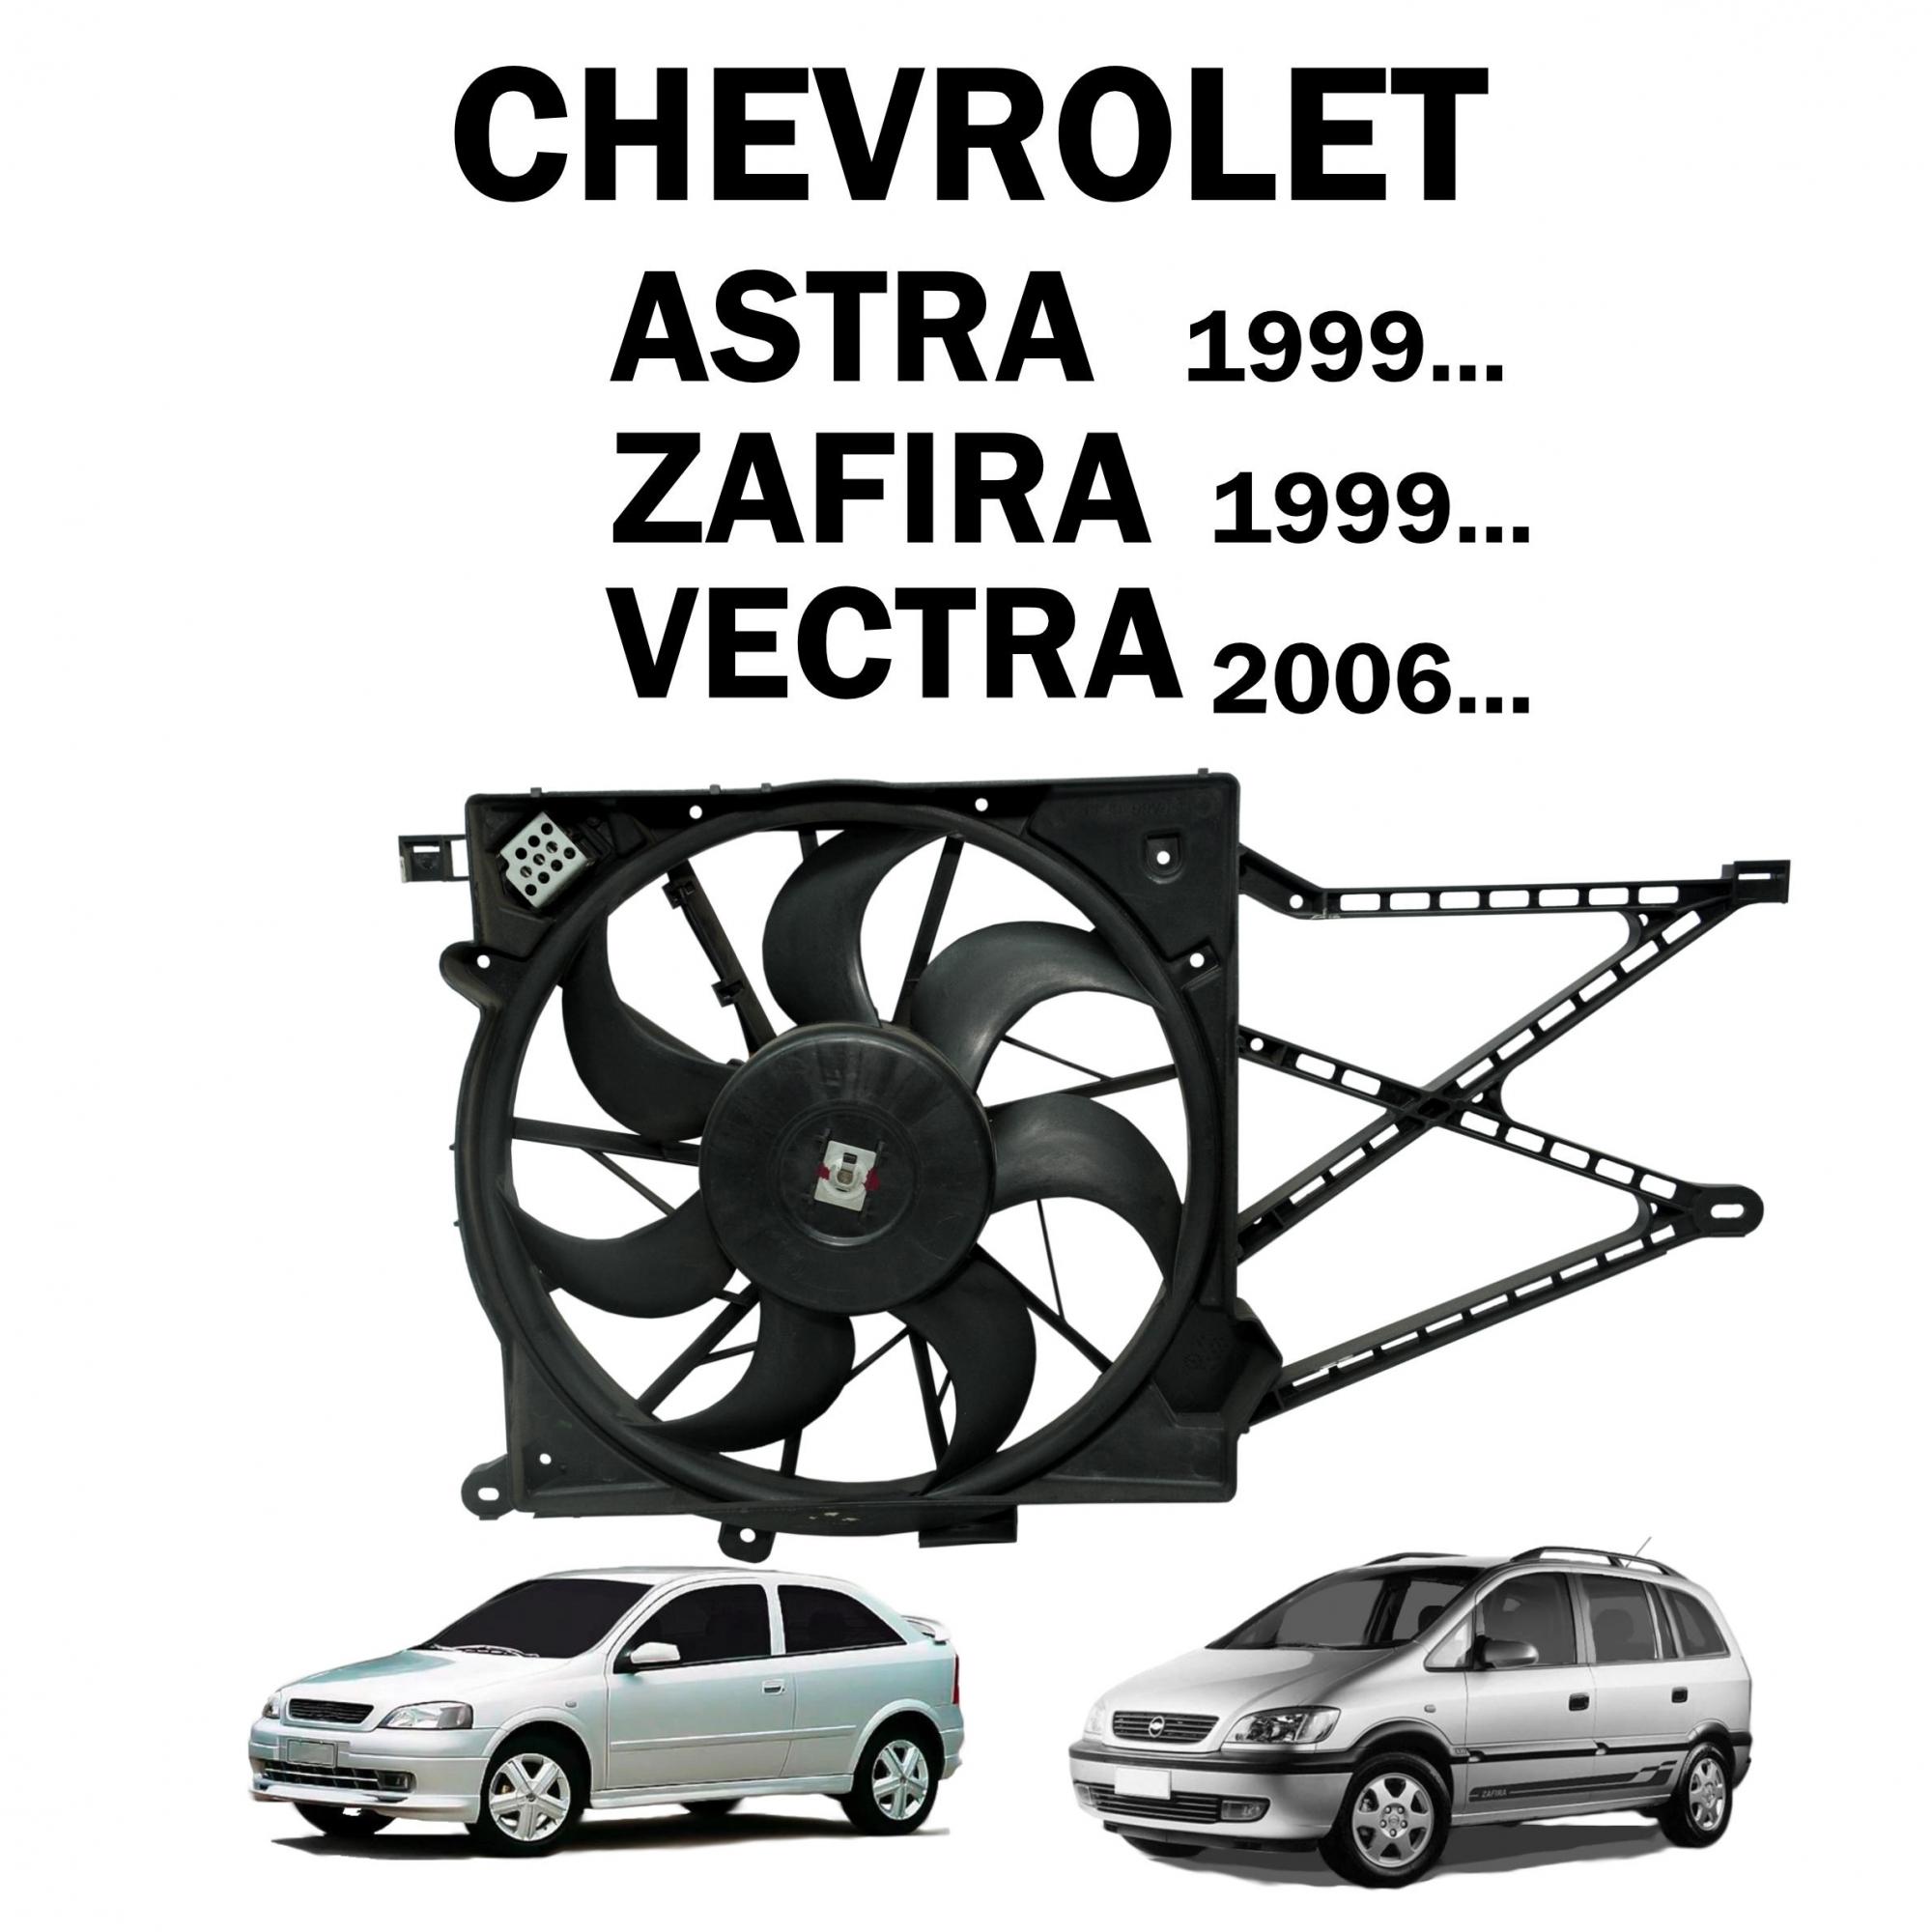 Eletroventilador Ventoinha Astra 99..., Zafira 99..., Vectra 2006... c/ AC Lado Radiador